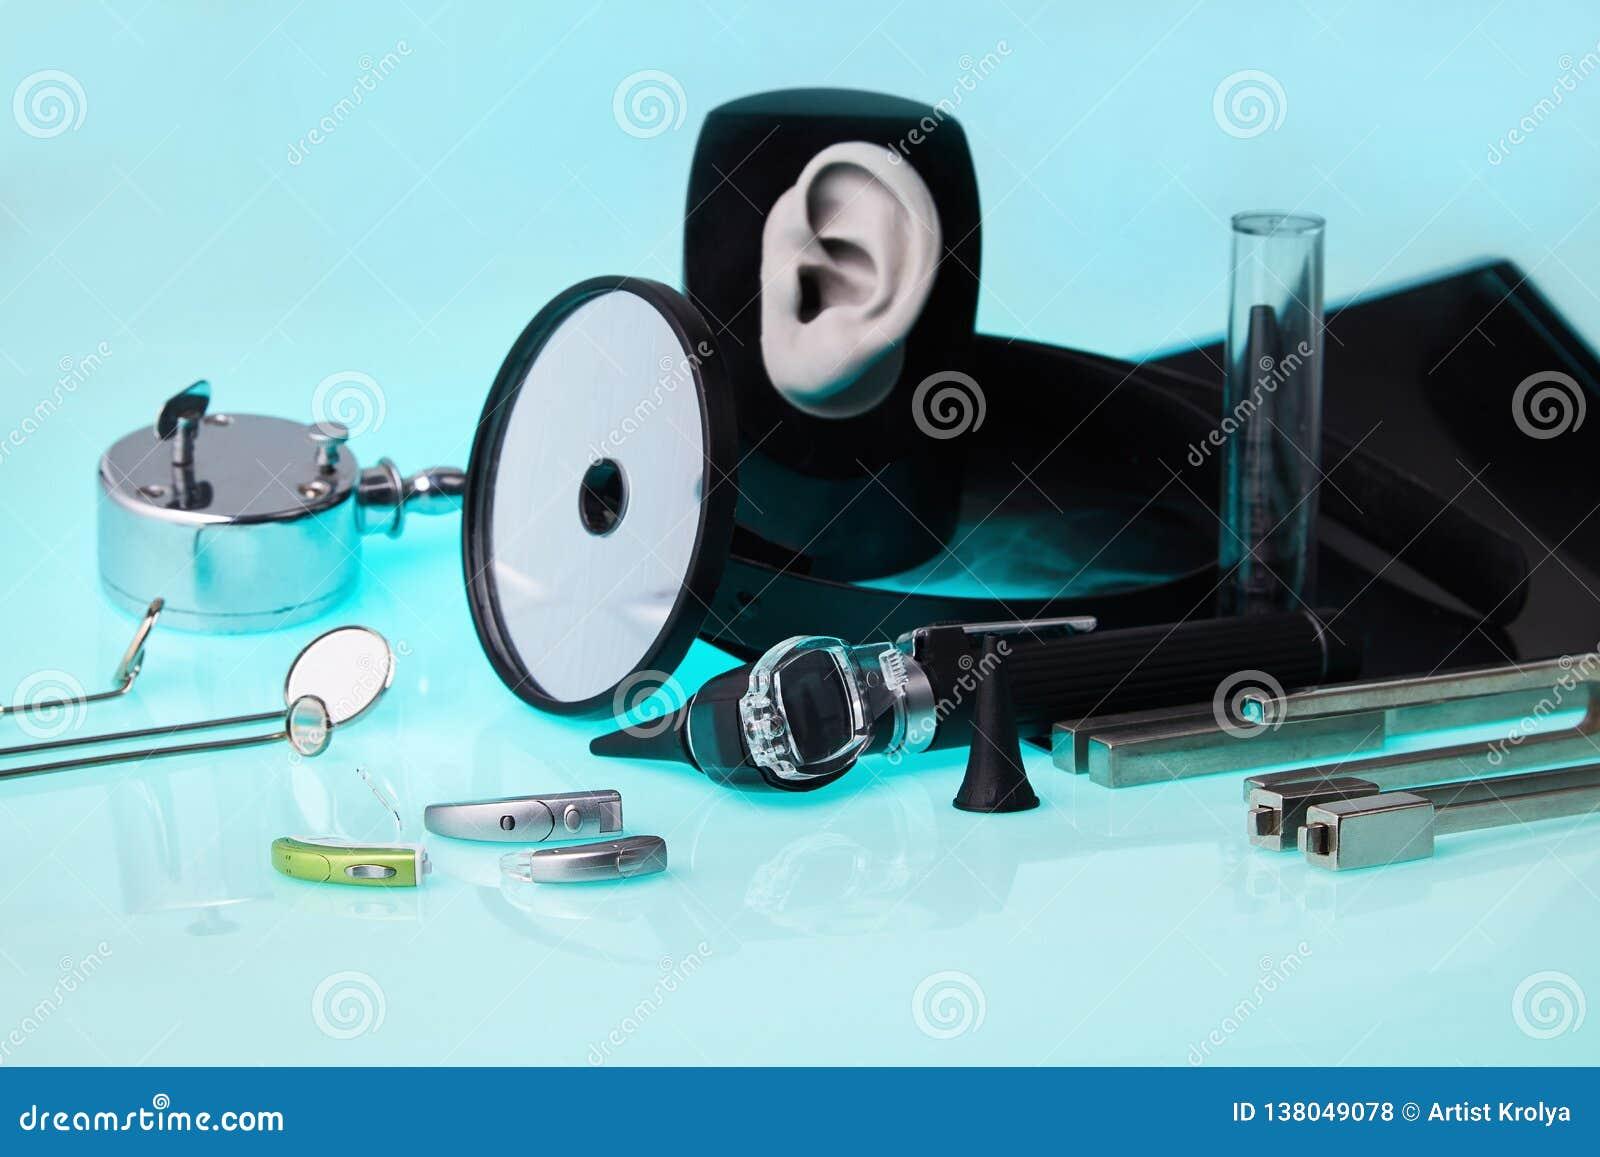 Moderne hoorapparaten op ENT hulpmiddelenachtergrond, zachte nadruk ENT toebehoren